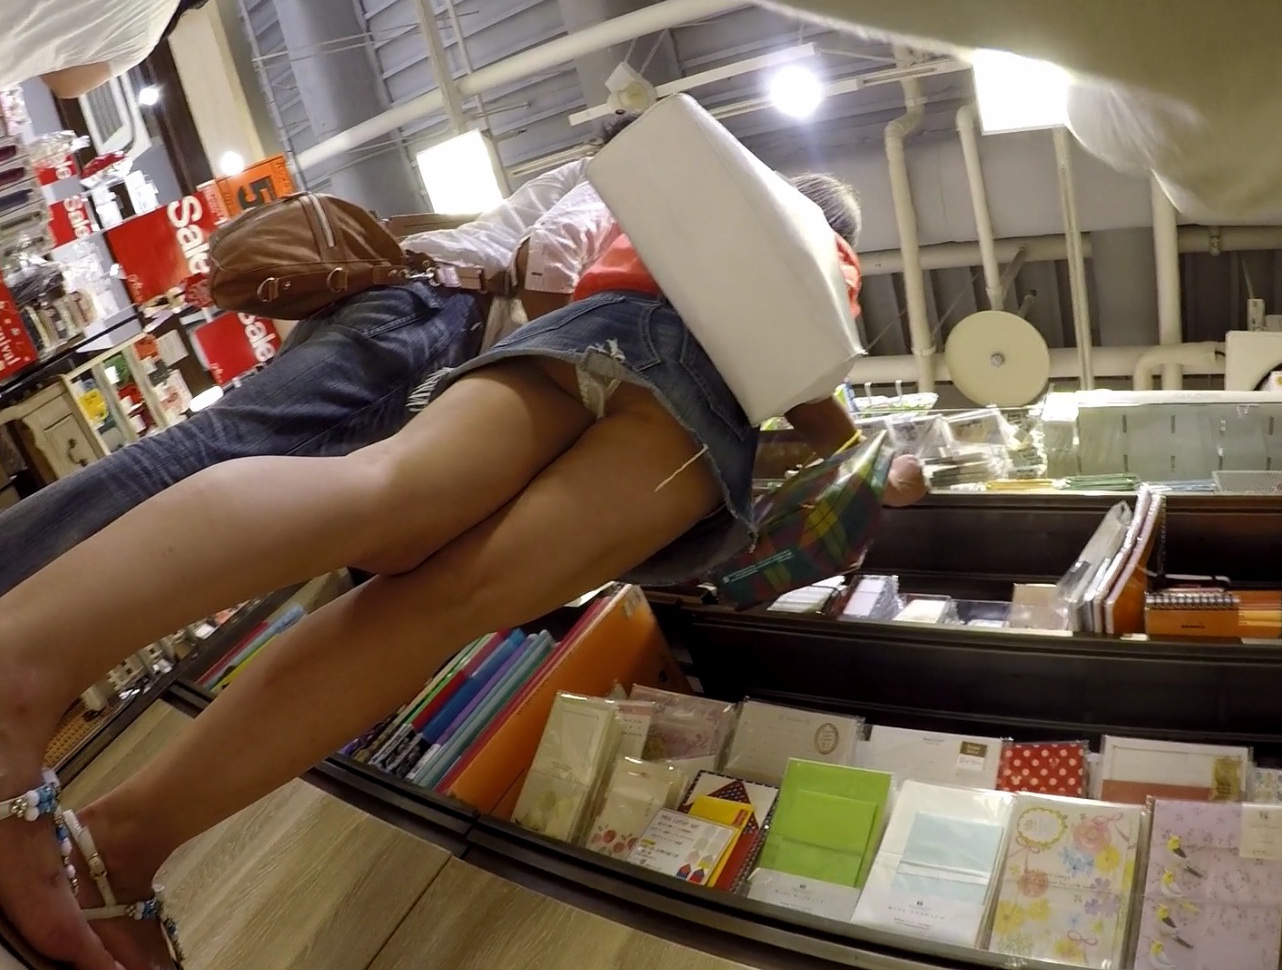 【パンチラ】デニミニ履いてカップルで買い物中の素人さんのパンチラ画像